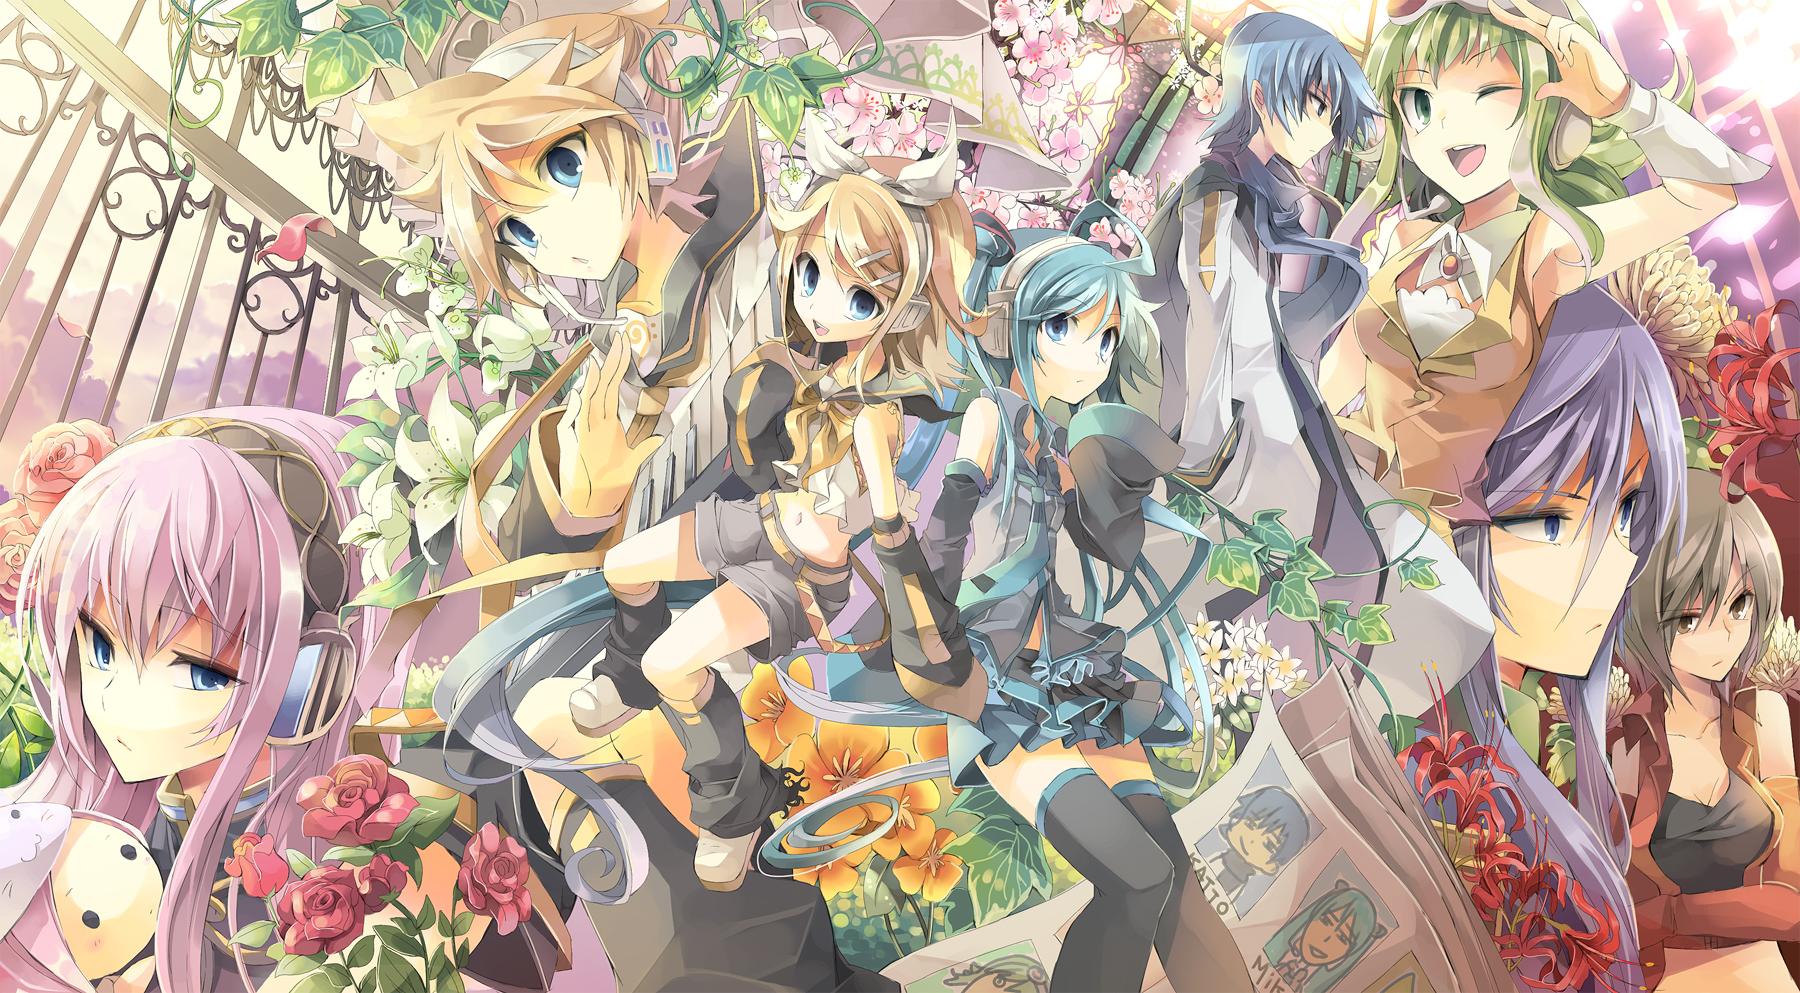 Kho hình ảnh Vocaloid-vocaloid-songs-26881968-1800-993